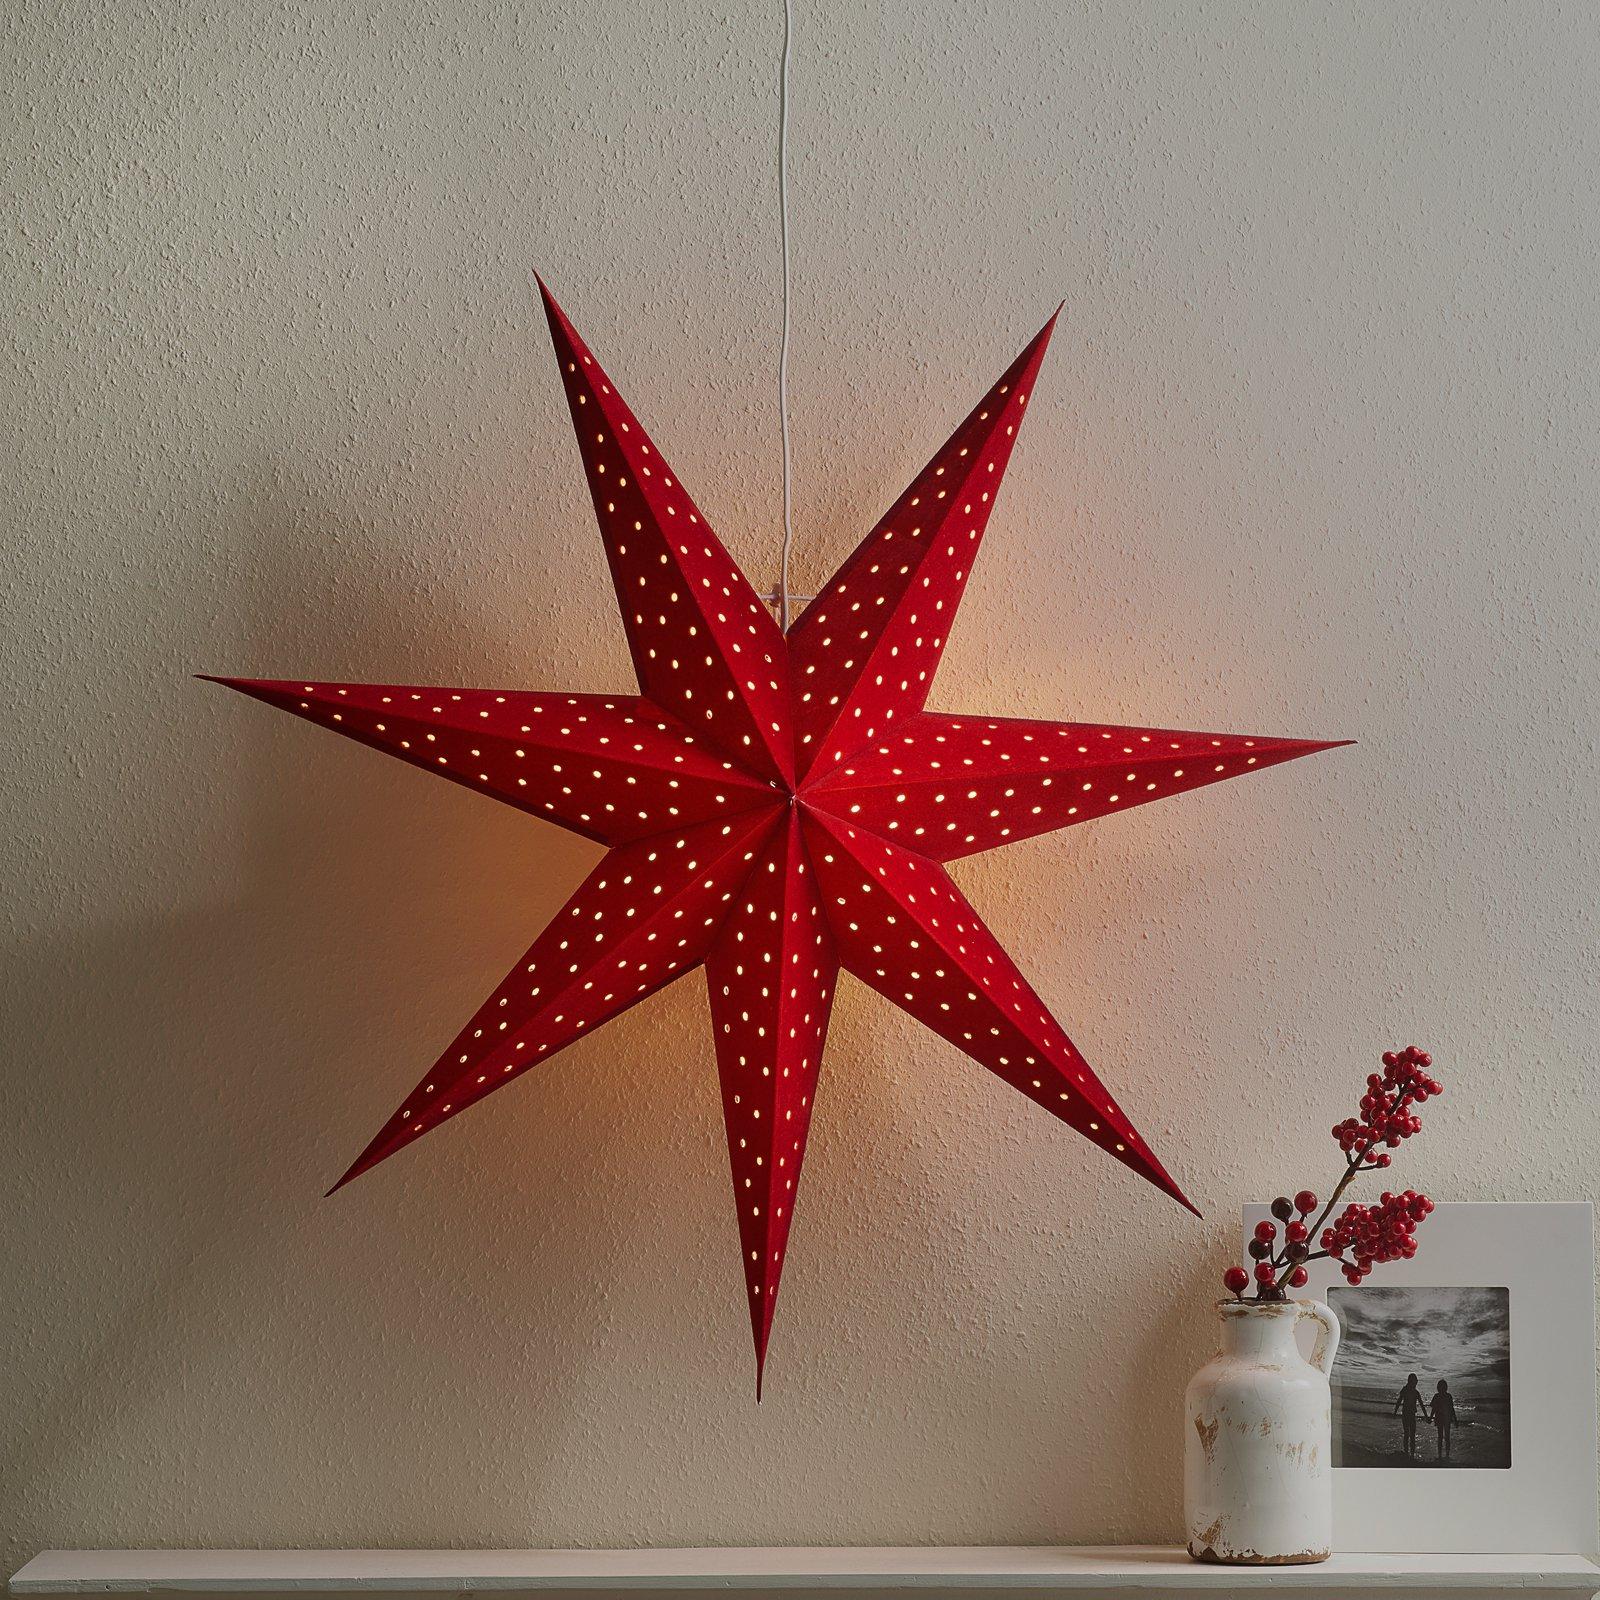 Stjerne Clara opph., fløyel-optikk Ø 75 cm, rød